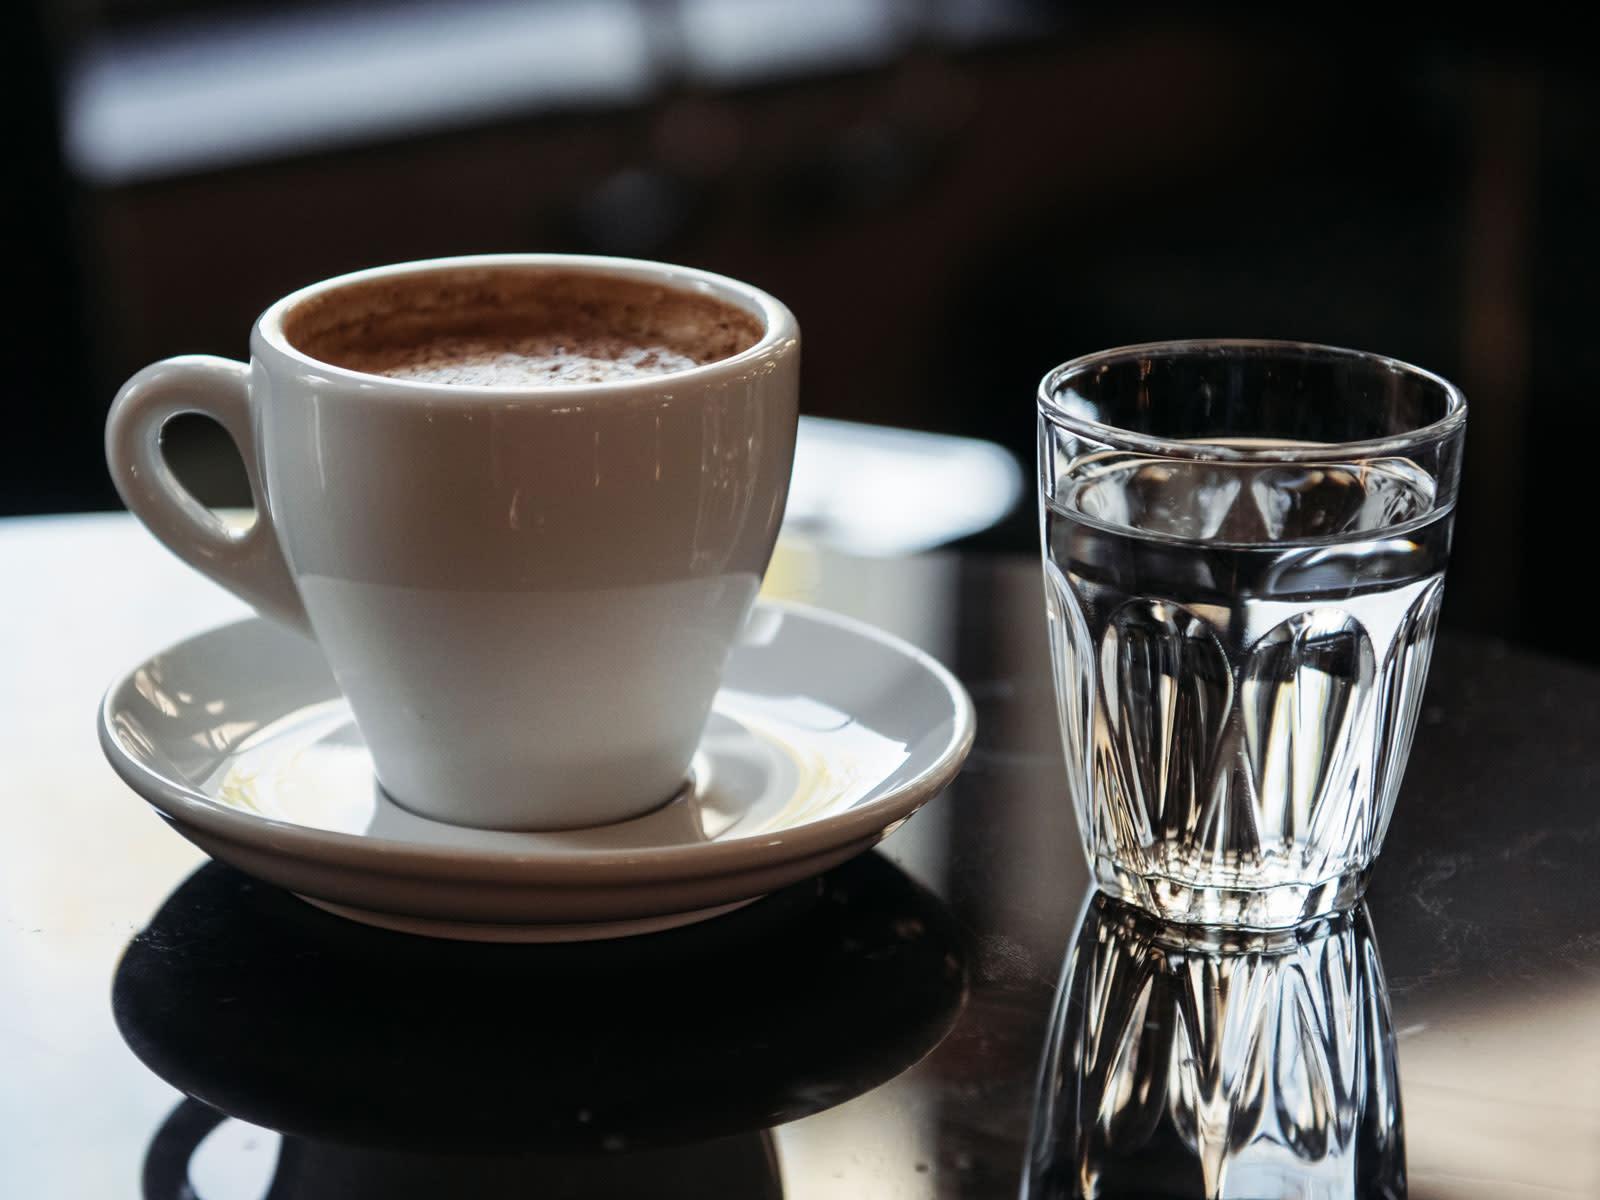 кофе и вода картинка одно мероприятий рамках